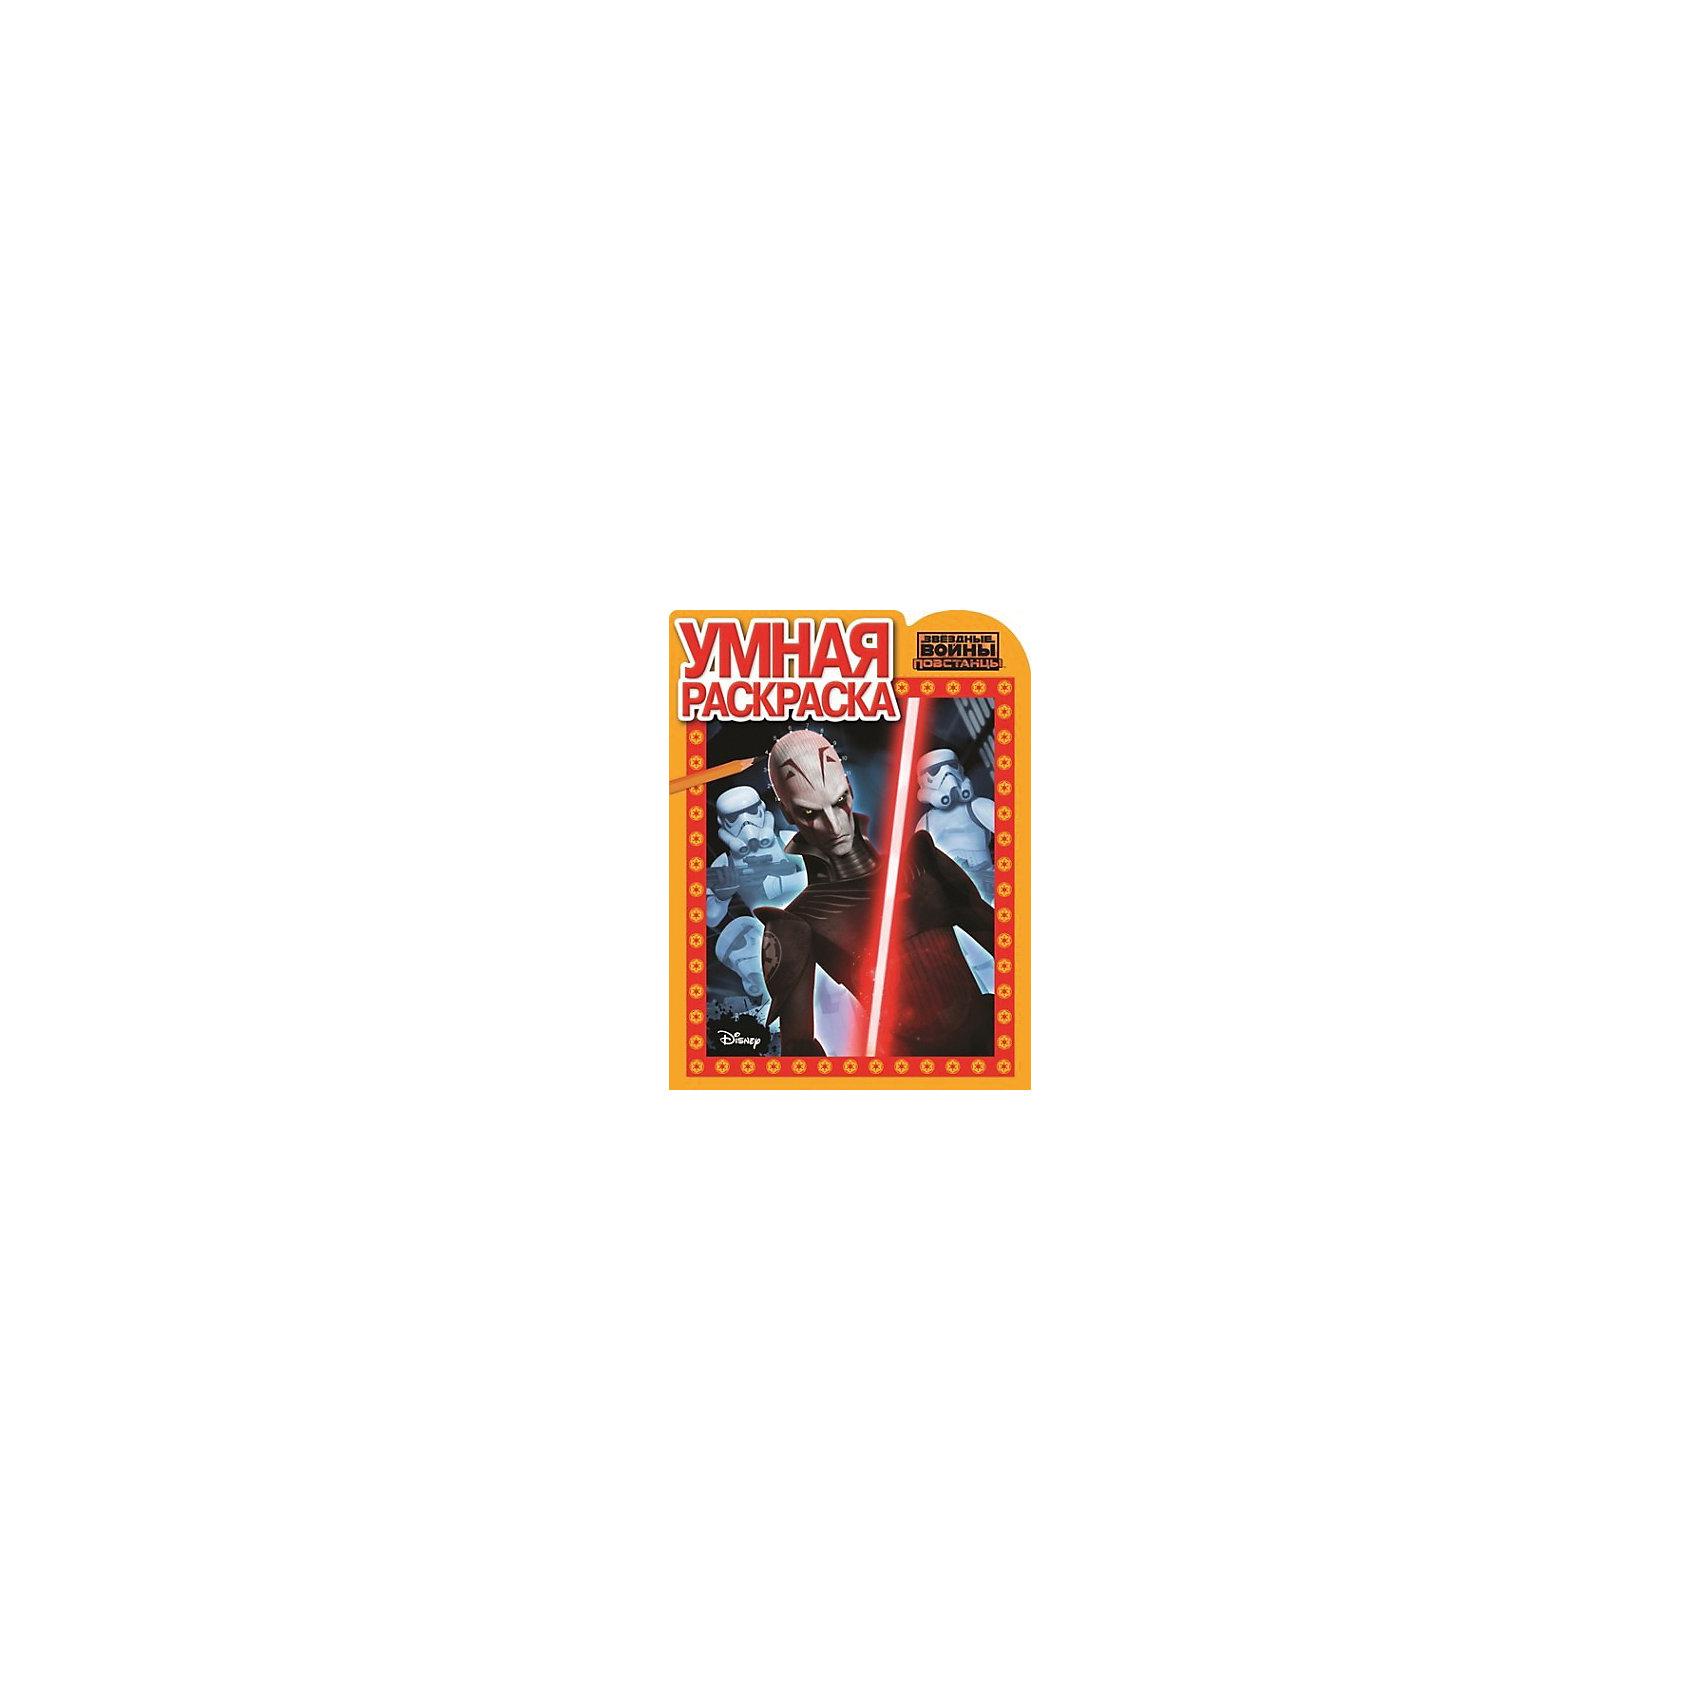 Умная раскраска Звездные Войны: ПовстанцыУмная раскраска Звездные Войны: Повстанцы – эта раскраска сделает досуг вашего малыша веселей и интереснее.<br>В этой замечательной книжке вашего малыша ждет встреча с героями анимационного телесериала Звездные Войны: Повстанцы. Прежде чем приступить к раскрашиванию фрагменты рисунков нужно дорисовать по точкам. Под рисунками имеются забавные подписи, комментирующие происходящее на картинке. Раскраска содержит достаточно крупное изображение героев саги, а плотные страницы не дадут цветам с предыдущей страницы просвечивать. Раскраска поможет ребенку развивать его творческие способности, логическое и образное мышление, будет способствовать развитию мелкой моторики рук ребенка. Для детей младшего школьного возраста.<br><br>Дополнительная информация:<br><br>- Редактор: Марина Шульман<br>- Издательство: Эгмонт<br>- Серия: Умная раскраска<br>- Тип обложки: мягкий переплет (крепление скрепкой или клеем)<br>- Оформление: вырубка<br>- Иллюстрации: черно-белые<br>- Количество страниц: 16 (офсет)<br>- Размер: 285x215x2 мм.<br>- Вес: 88 гр.<br><br>Умную раскраску Звездные Войны: Повстанцы можно купить в нашем интернет-магазине.<br><br>Ширина мм: 290<br>Глубина мм: 220<br>Высота мм: 5<br>Вес г: 87<br>Возраст от месяцев: 72<br>Возраст до месяцев: 144<br>Пол: Мужской<br>Возраст: Детский<br>SKU: 4400536